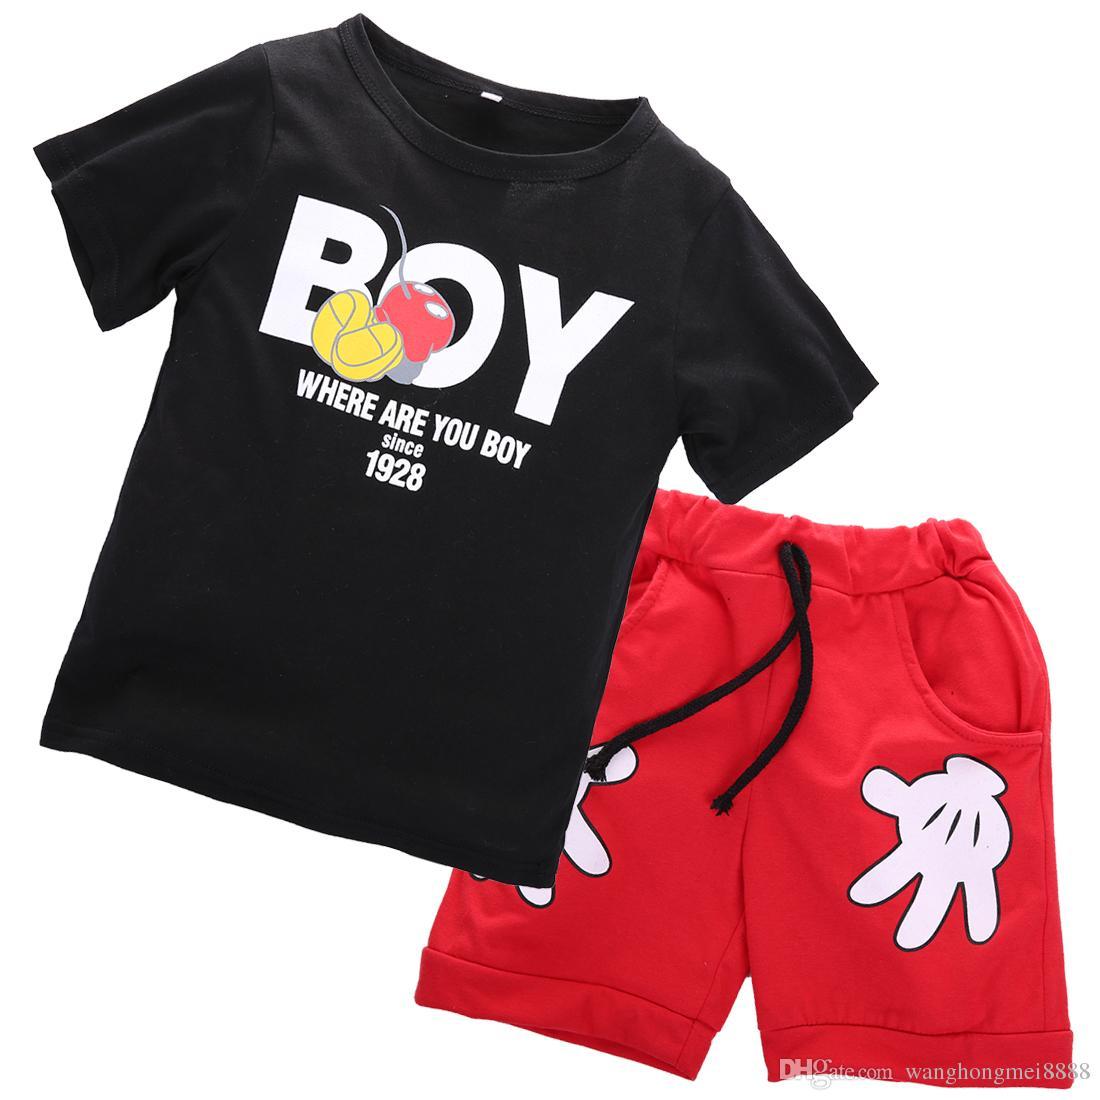 мини мышь дети малыш мальчик костюм наряды мальчик дети мальчик футболка + мультфильм руки шорты повседневная одежда набор летняя одежда 2-7Y